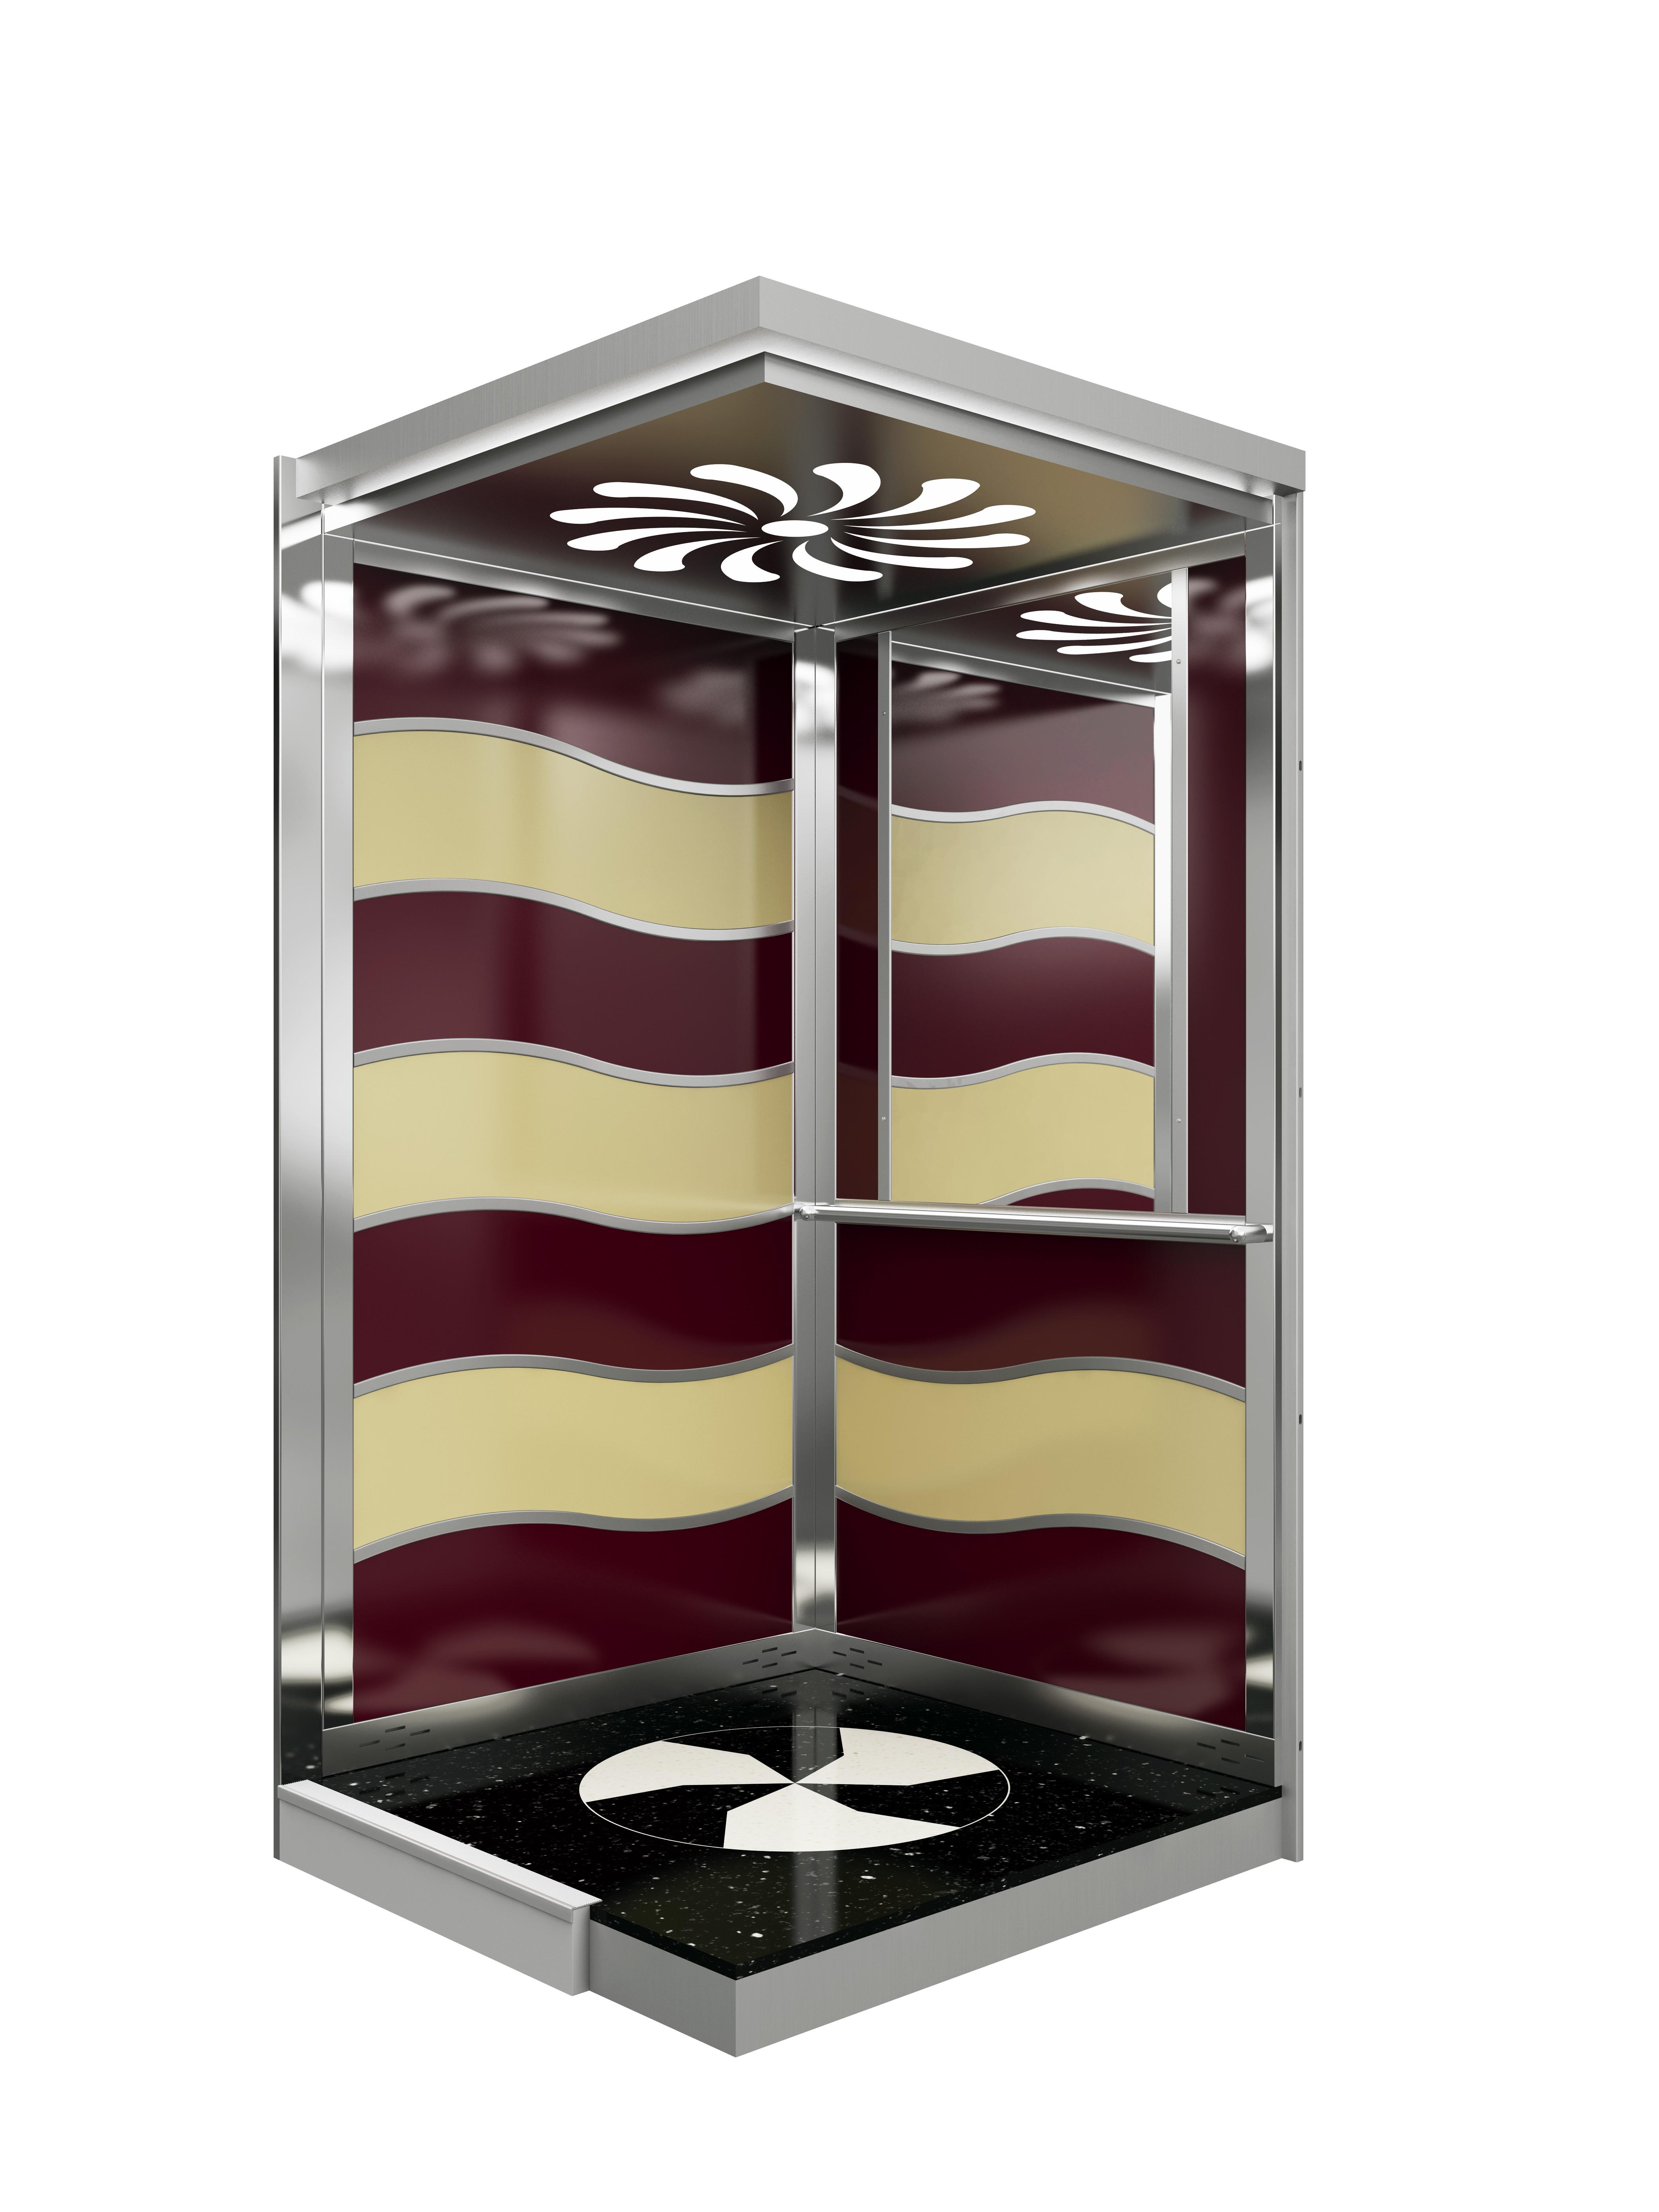 3d model of modelarchitecture elevator